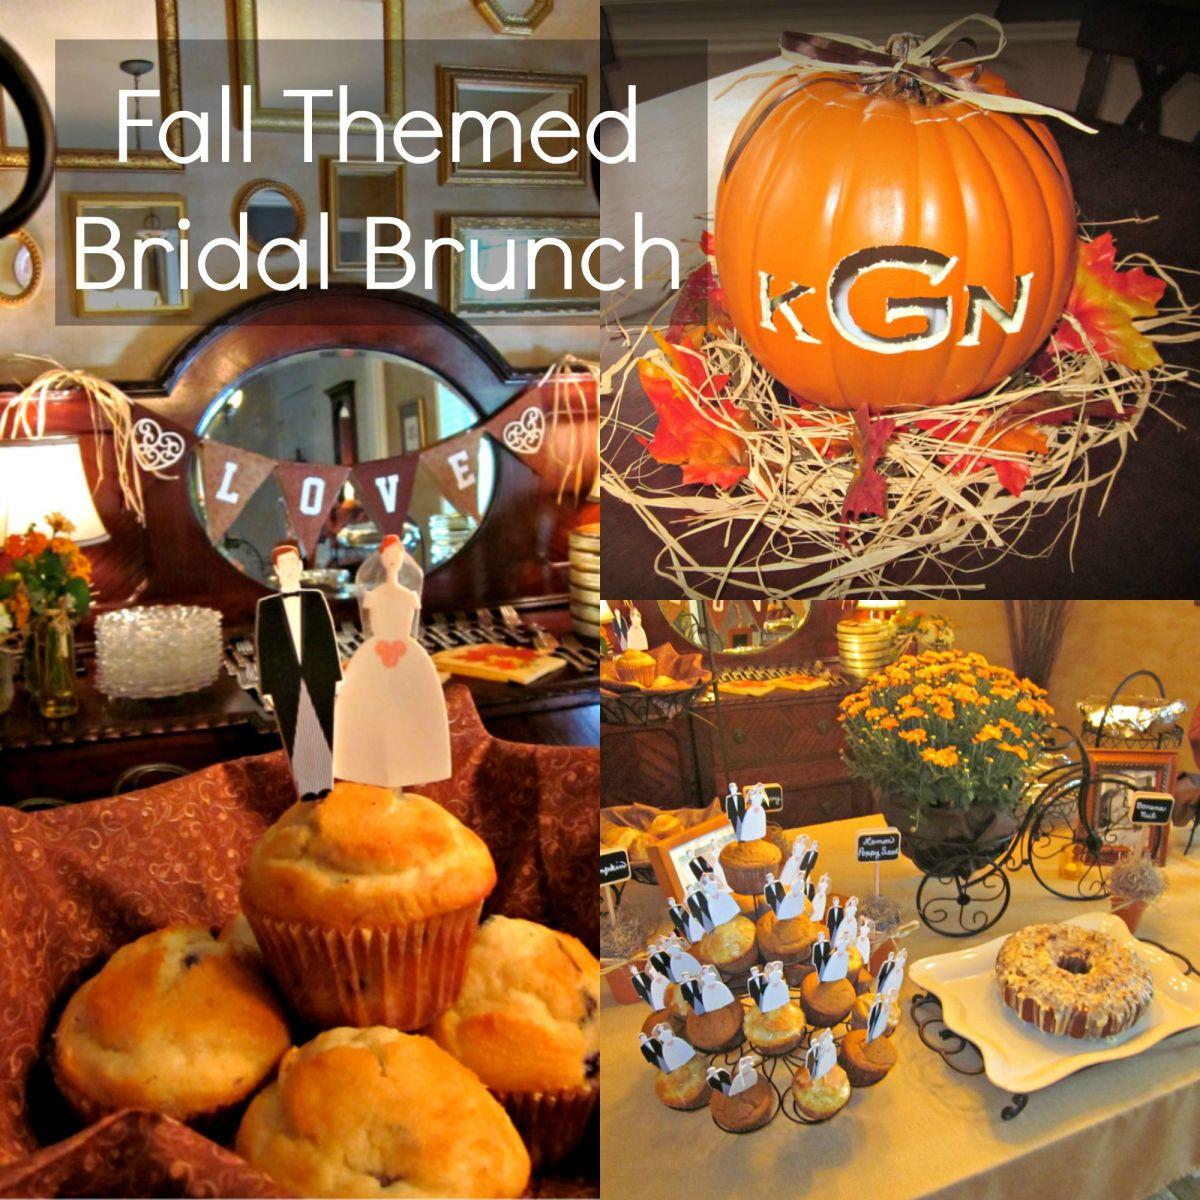 Fall Themed Bridal Brunch